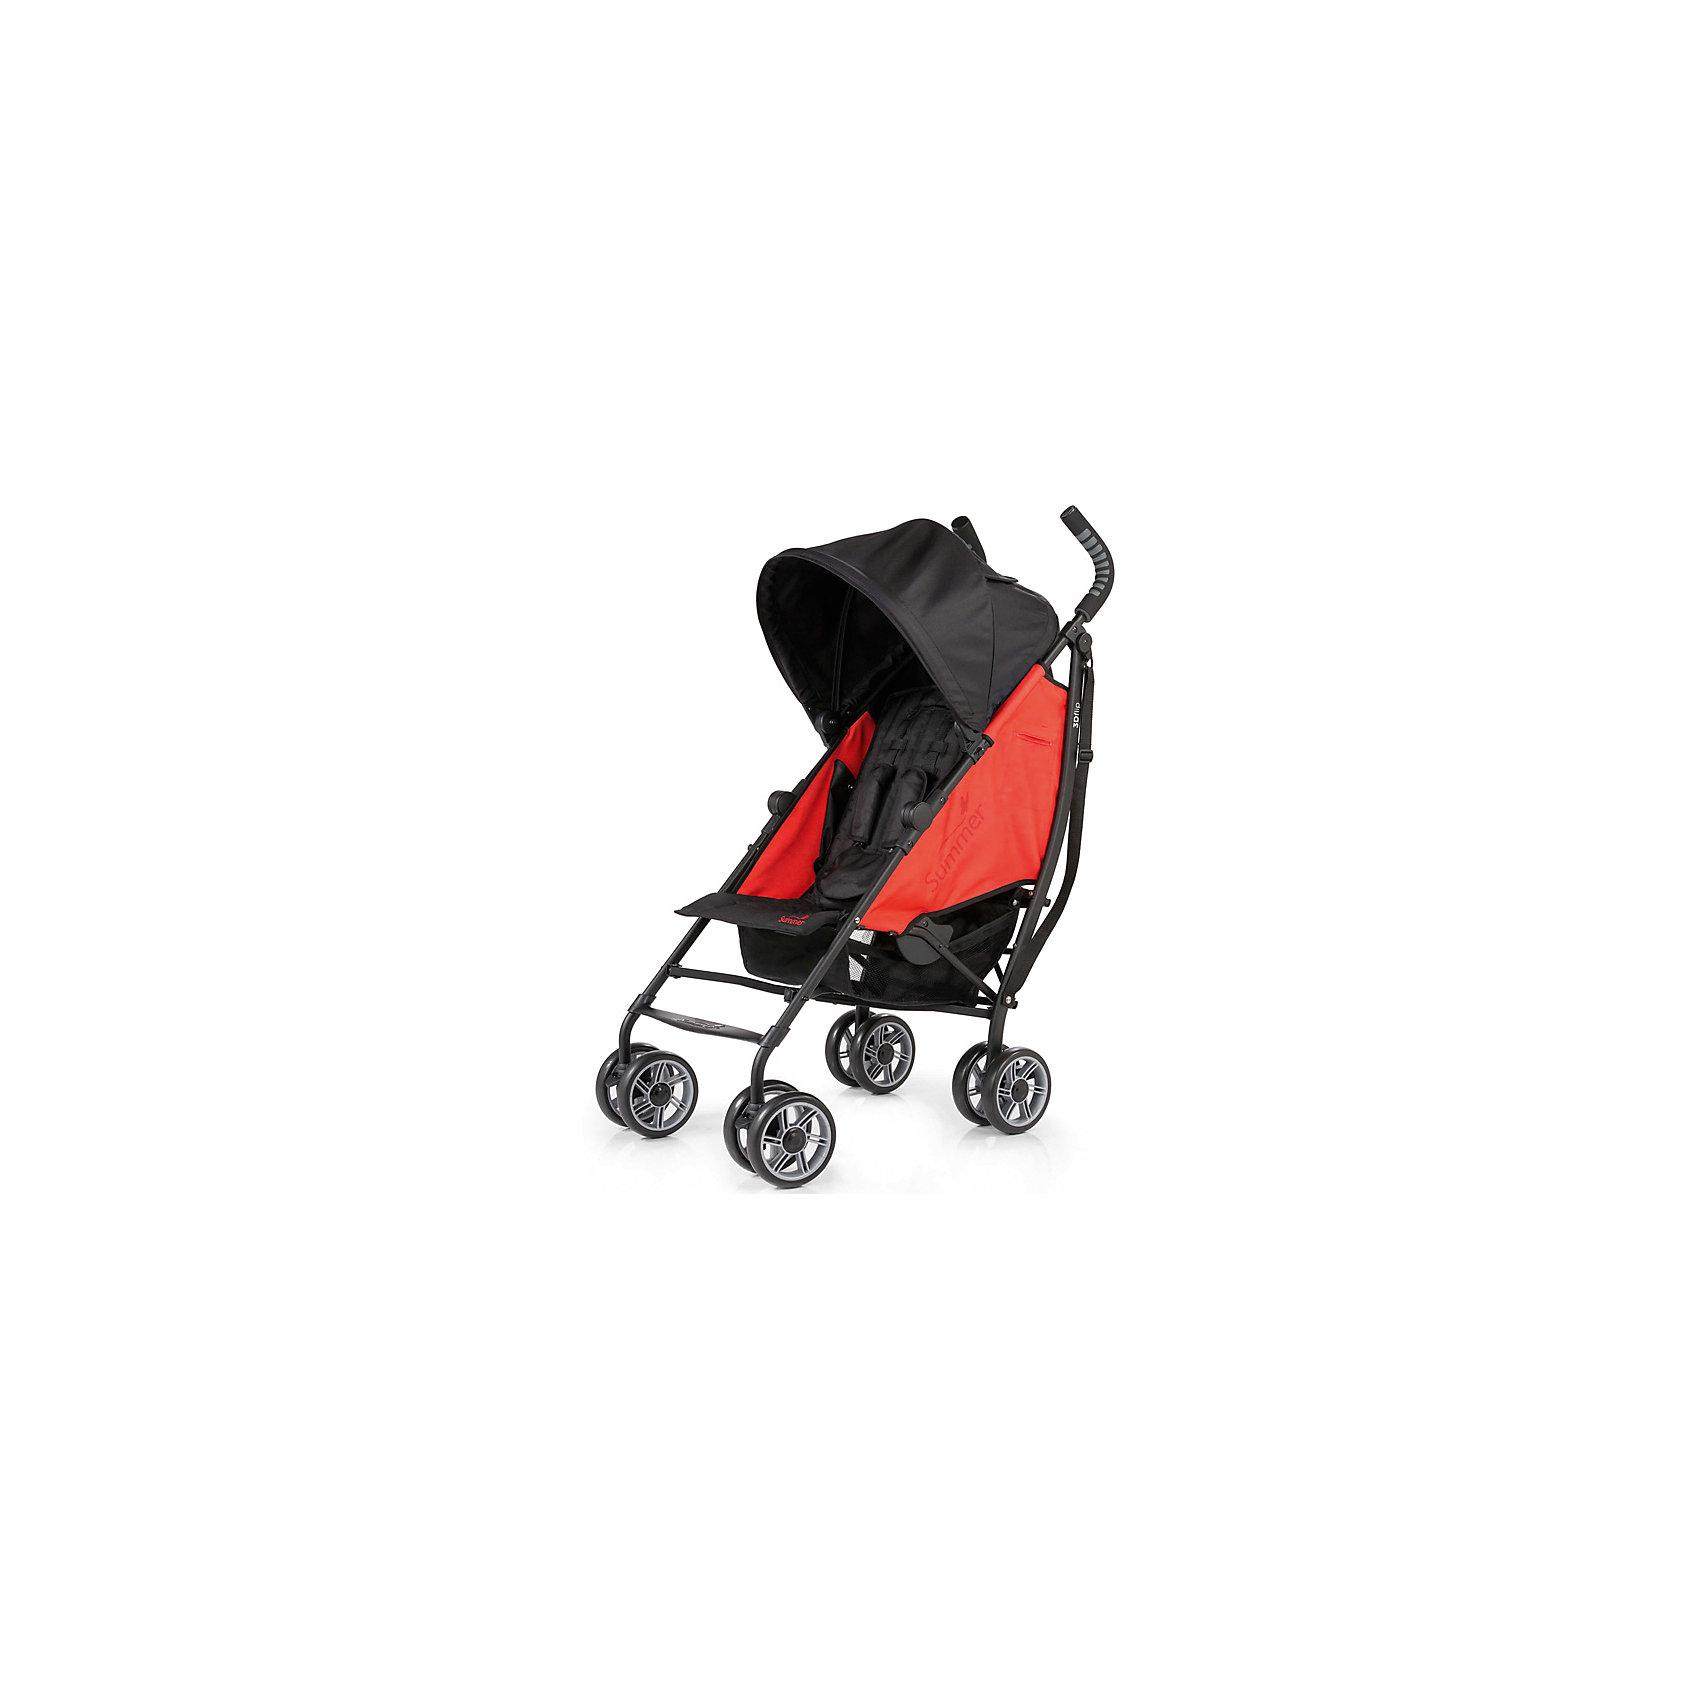 Коляска-трость Summer Infant 3D Flip, черный/красный